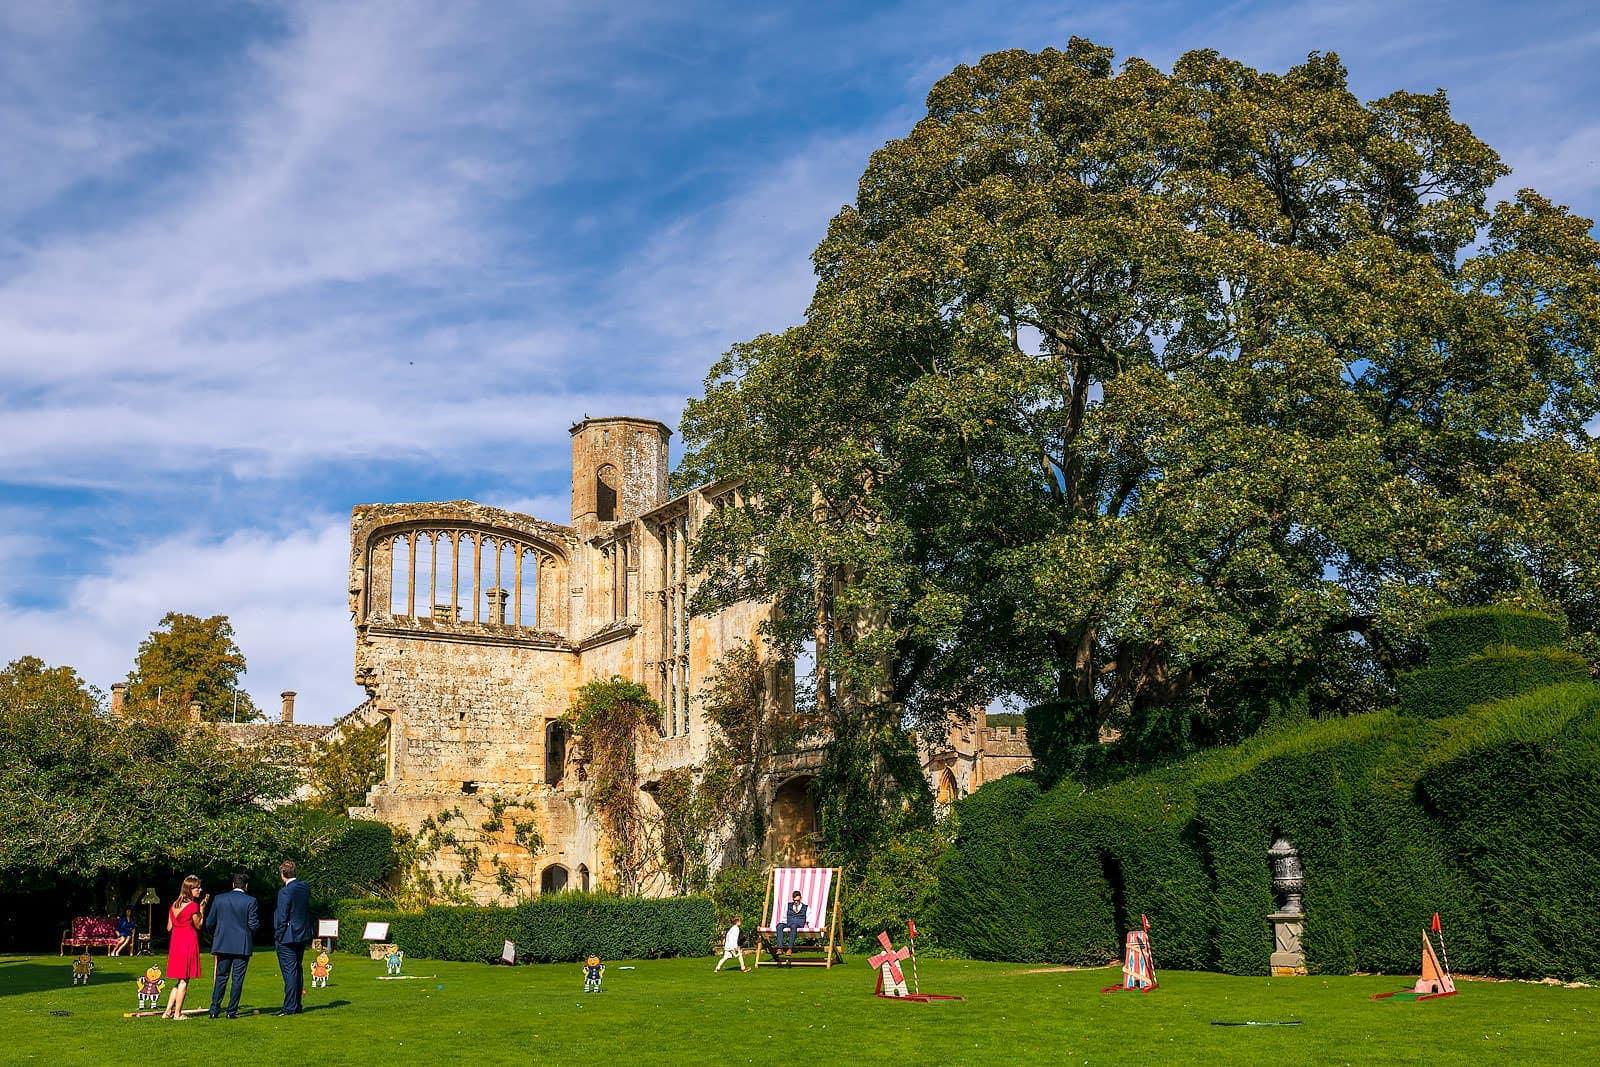 Cotswolds castle wedding venues, Sudeley Castle